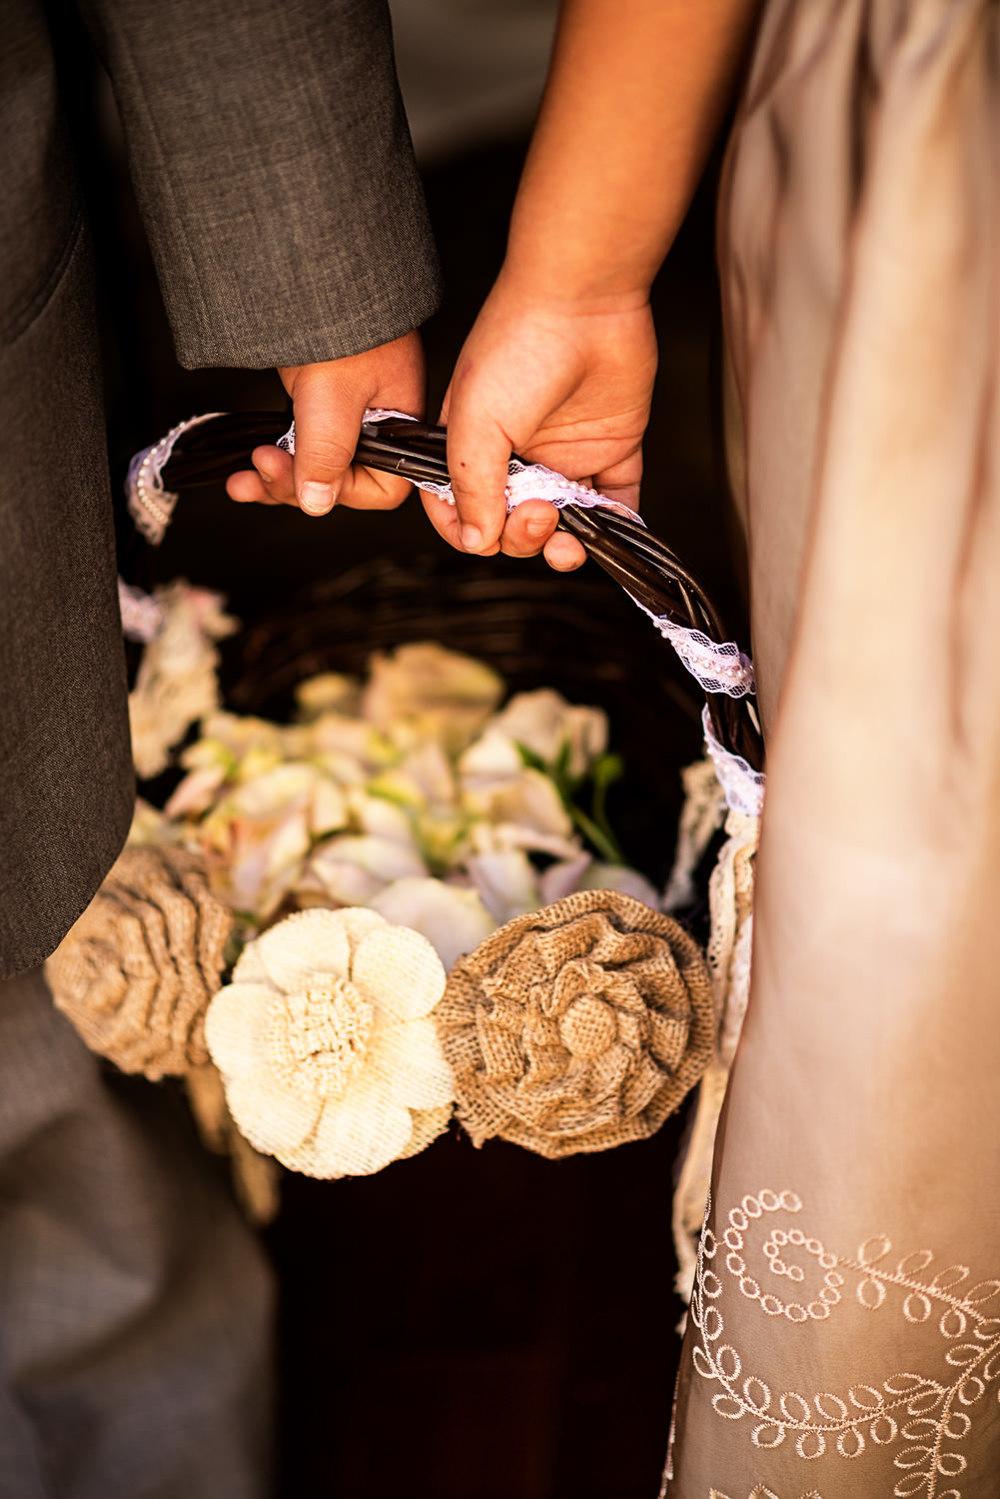 f27-Photography-Ojai-Wedding-February-2014-Flower-Girl-and-Ring-Bearer-Holding-Hands-Flower-Basket